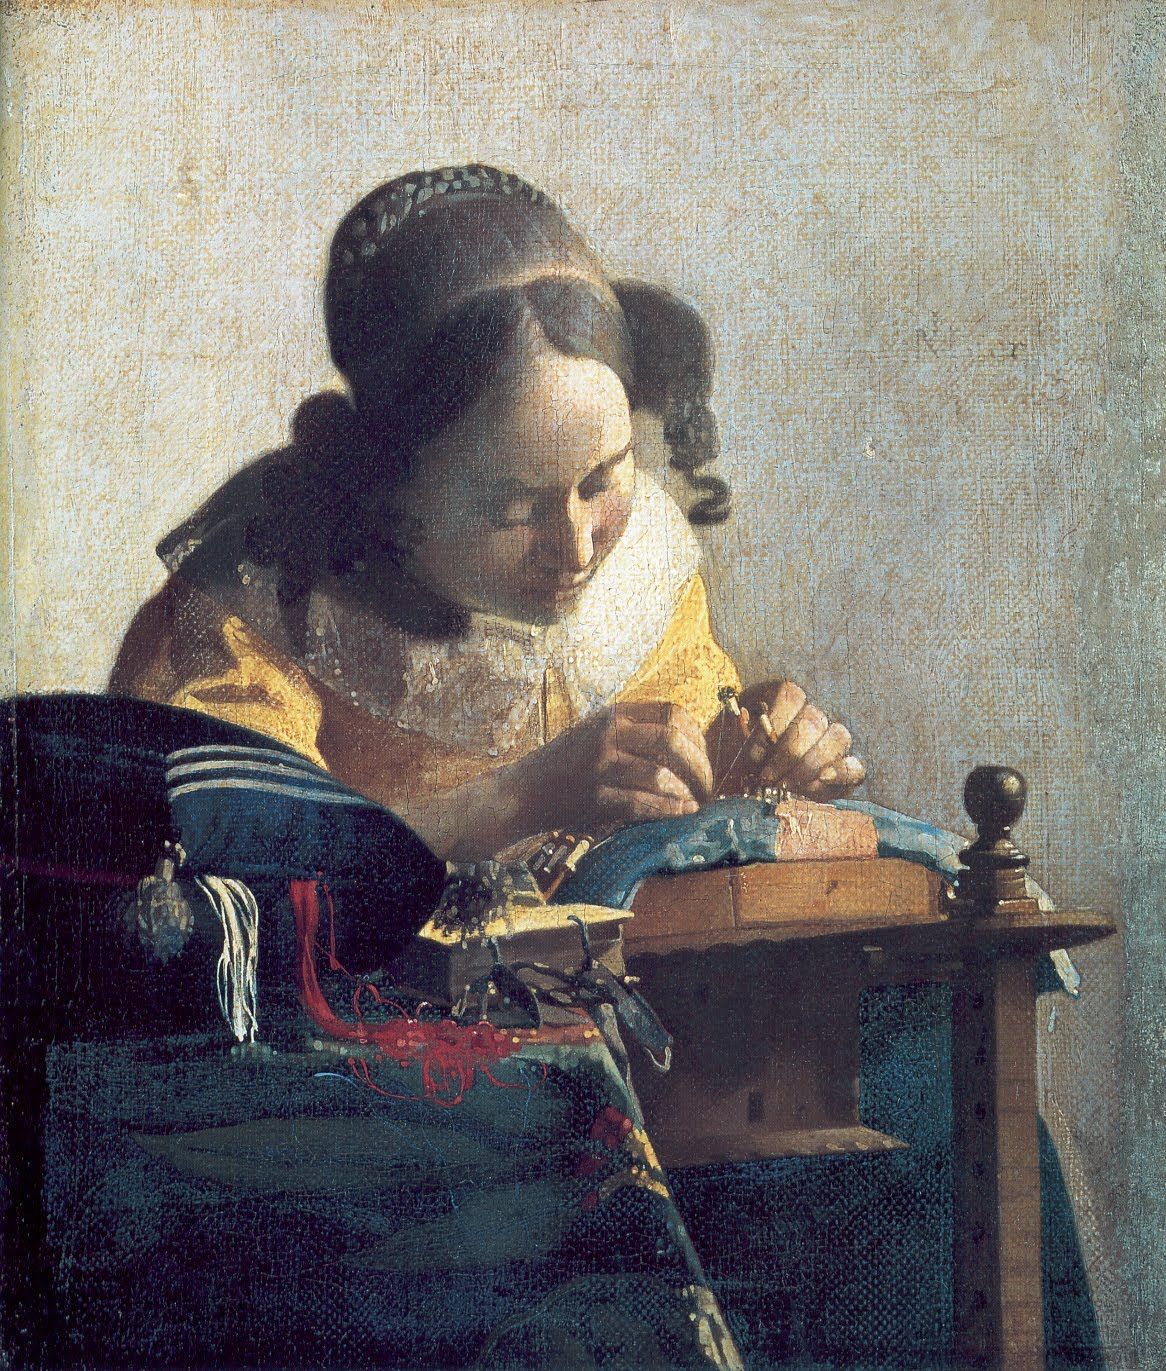 by Vermeer Dutch painter